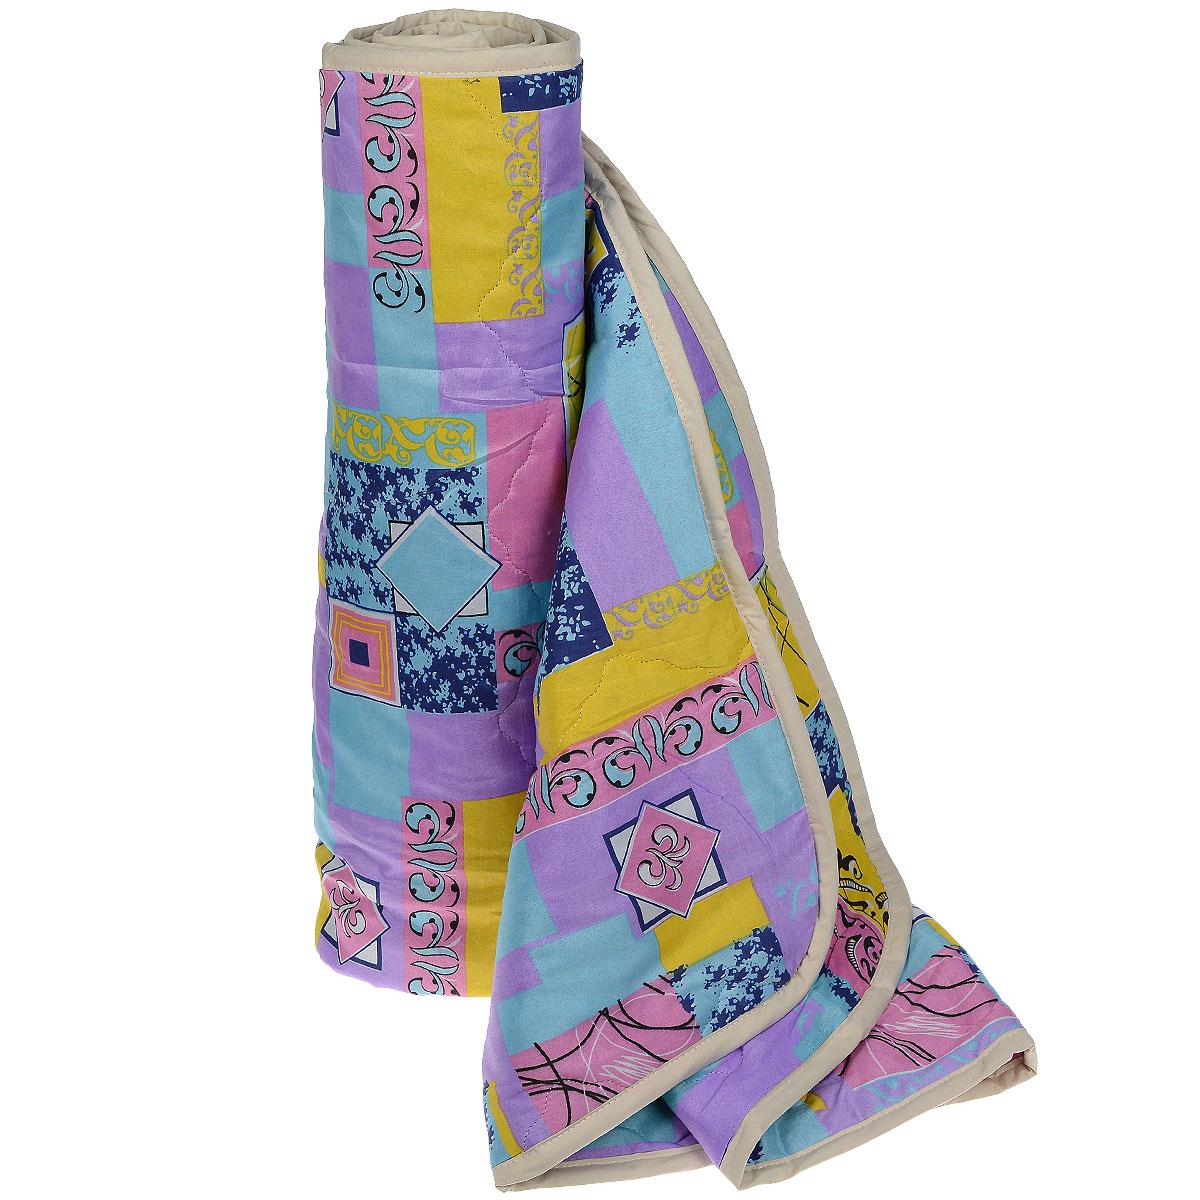 Одеяло всесезонное OL-Tex Miotex, наполнитель: полиэфирное волокно Holfiteks, 140 х 205 см МХПЭ-15-389531Всесезонное одеяло OL-Tex Miotex создаст комфорт и уют во время сна. Стеганый чехол выполнен из полиэстера и оформлен красочным рисунком. Внутри - современный наполнитель из полиэфирного высокосиликонизированного волокна Holfiteks, упругий и качественный. Холфитекс - современный экологически чистый синтетический материал, изготовленный по новейшим технологиям. Его уникальность заключается в расположении волокон, которые позволяют моментально восстанавливать форму и сохранять ее долгое время. Изделия с использованием Холфитекса очень удобны в эксплуатации - их можно часто стирать без потери потребительских свойств, они быстро высыхают, не впитывают запахов и совершенно гиппоаллергенны. Холфитекс также обеспечивает хорошую терморегуляцию, поэтому изделия с наполнителем из холфитекса очень комфортны в использовании. Одеяло с современным упругим наполнителем Холфитекс порадует вас в любое время года. Оно комфортно согревает и создает отличный микроклимат. За одеялом легко ухаживать, можно стирать в стиральной машинке.Рекомендации по уходу:- Ручная и машинная стирка при температуре 30°С.- Не гладить.- Не отбеливать. - Нельзя отжимать и сушить в стиральной машине.- Сушить вертикально. Размер одеяла: 140 см х 205 см. Материал чехла: 100% полиэстер. Материал наполнителя: полиэфирное высокосиликонизированное волокно Holfiteks. Плотность наполнителя: 300 г/м2.Уважаемые клиенты! Обращаем ваше внимание на цветовой ассортимент товара. Поставка осуществляется в зависимости от наличия на складе.